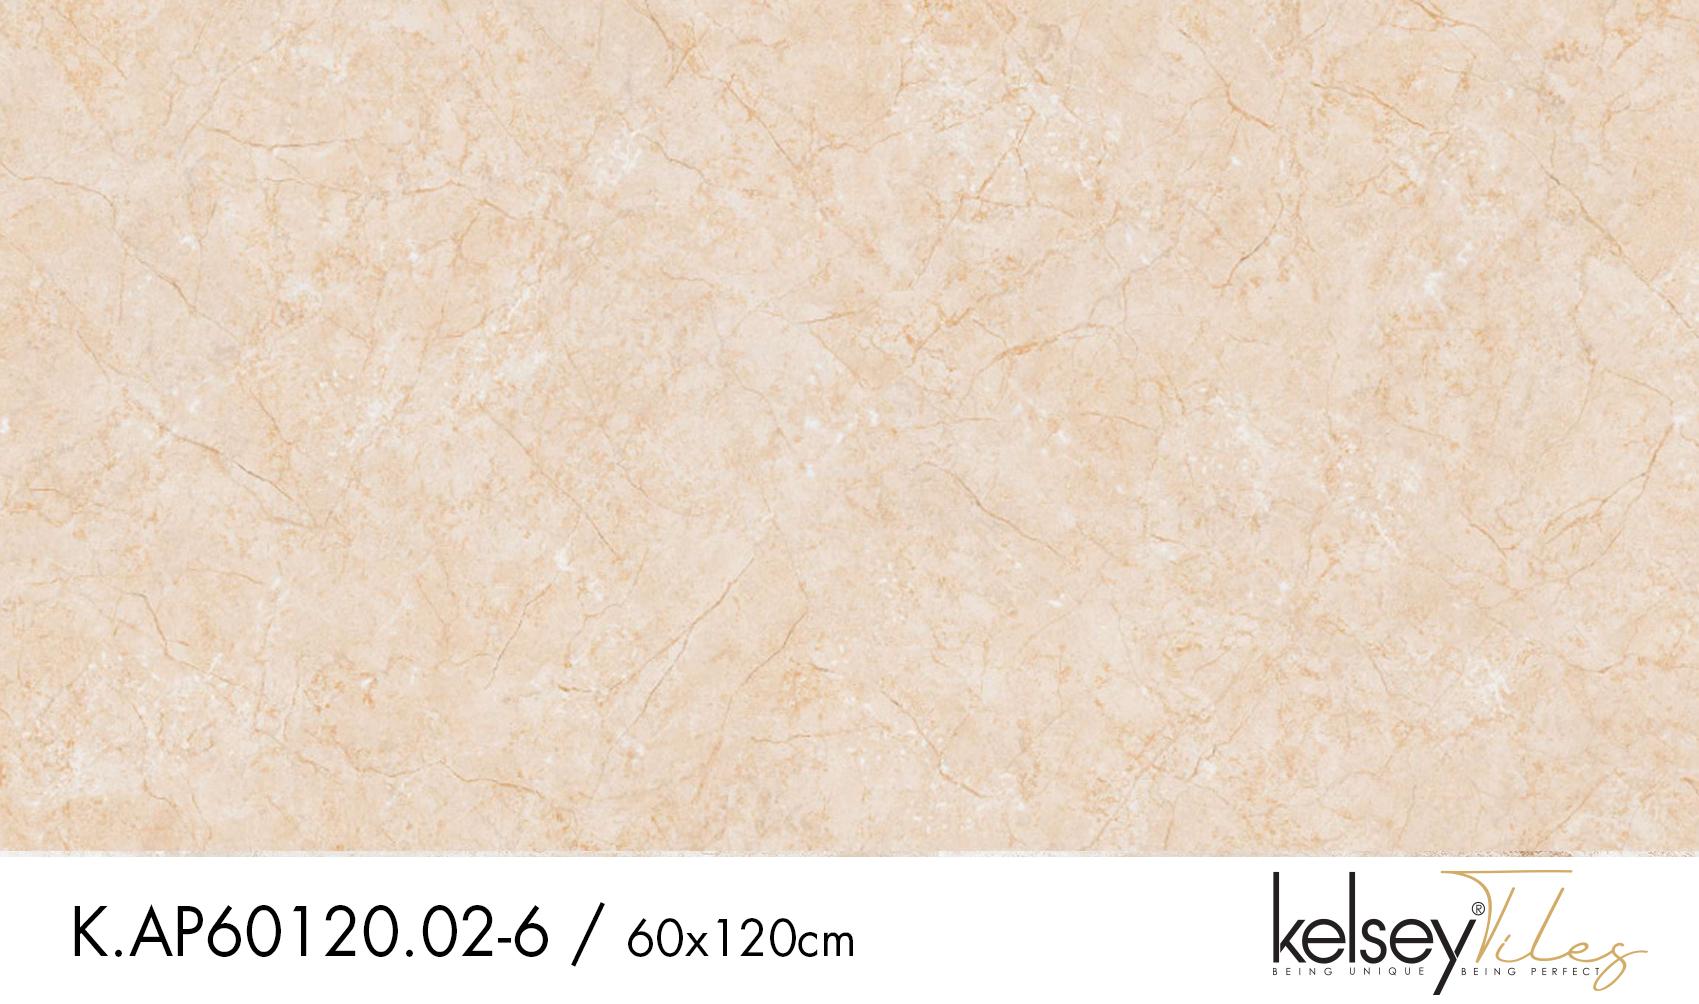 K.AP60120.02-6